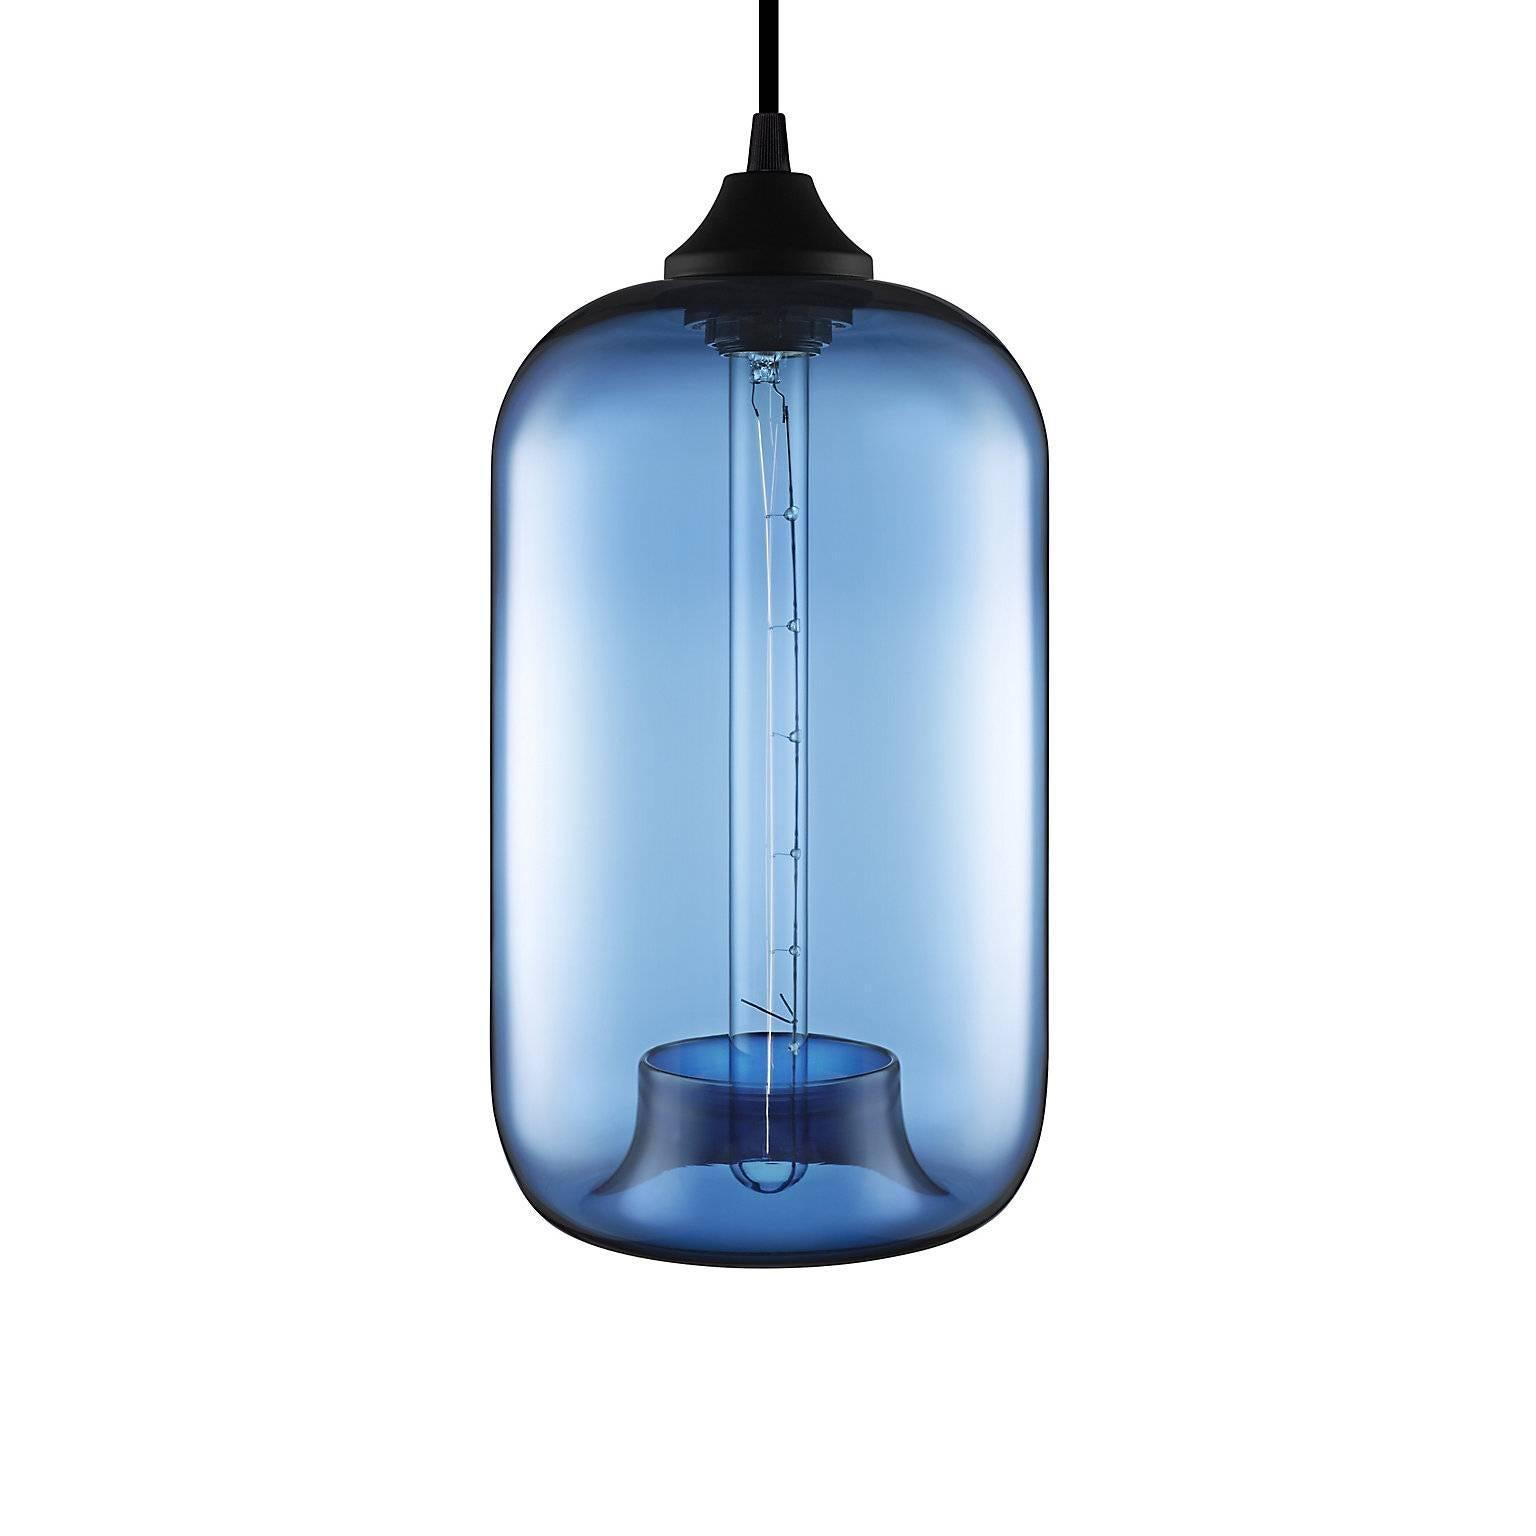 Pod Sapphire Handblown Modern Glass Pendant Light, Made in the USA